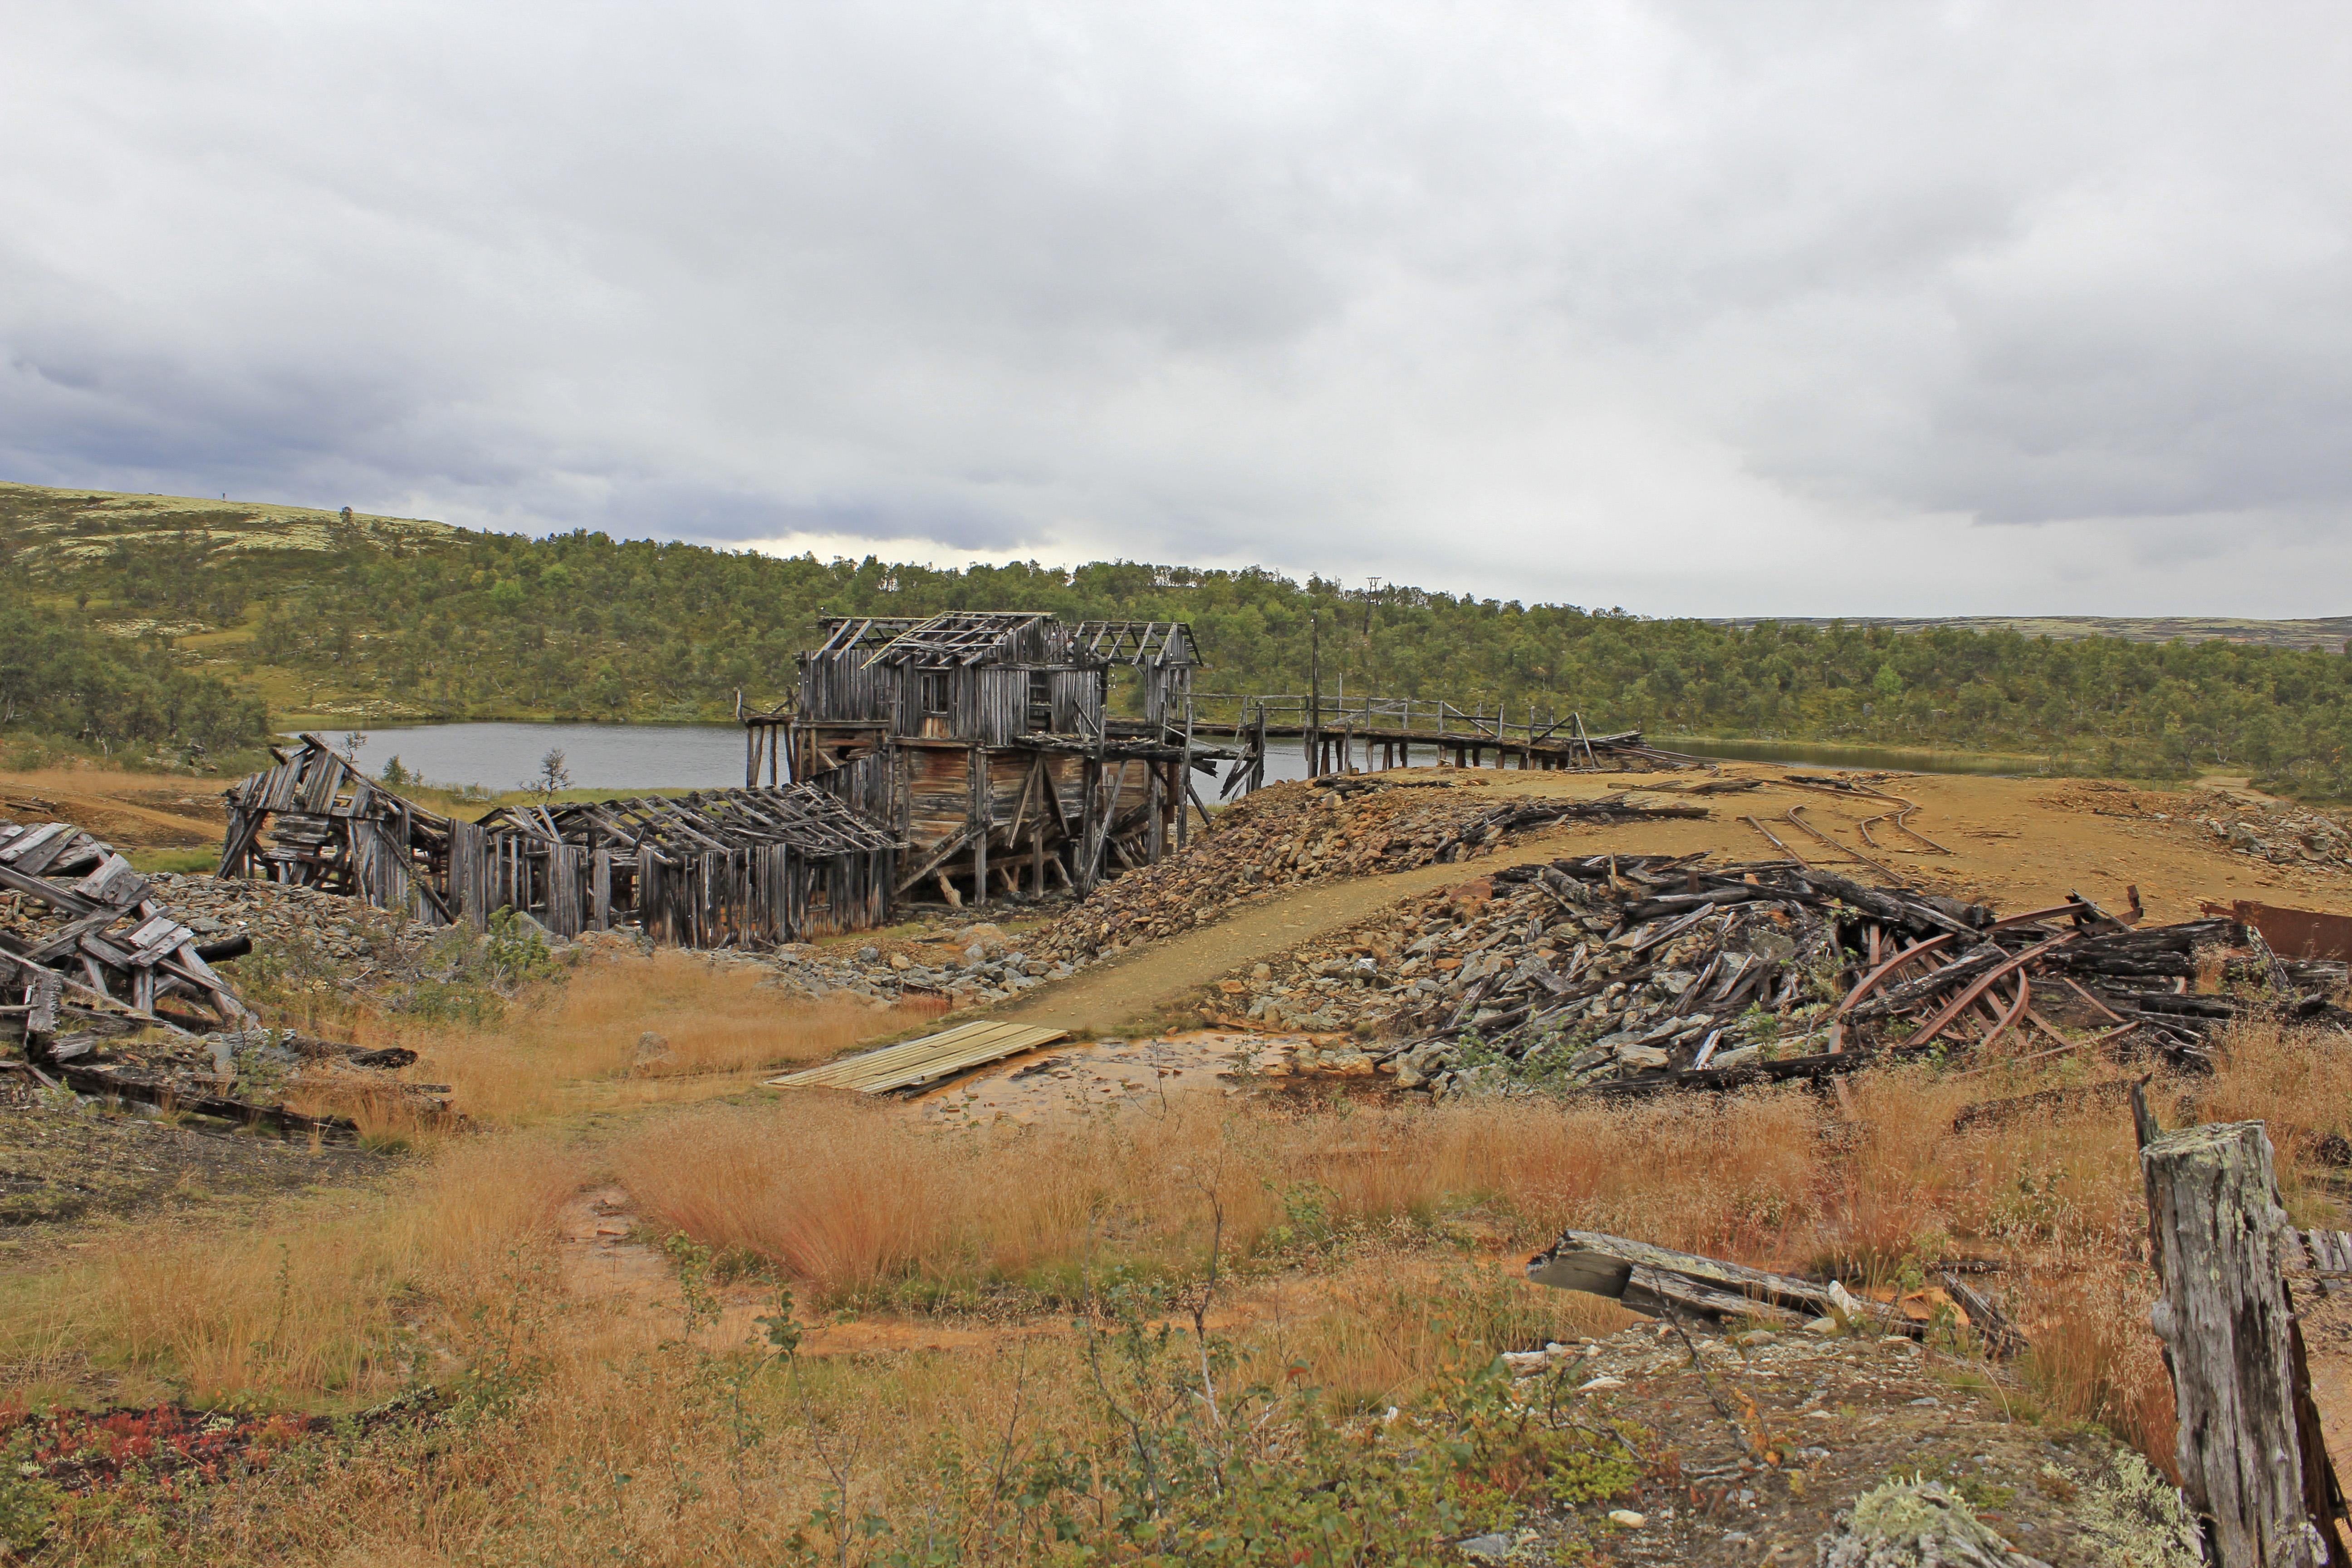 Landskapsbilde med gammel gruvebygning, bakken i forgrunnen er rød etter gruvedrift, med små slagghauger og gammelt materiale og metall etter gruvedrifta. Bak bygningen er en liten innsjø forran en ås med grønne trær, over er himmelen dekket av skyer